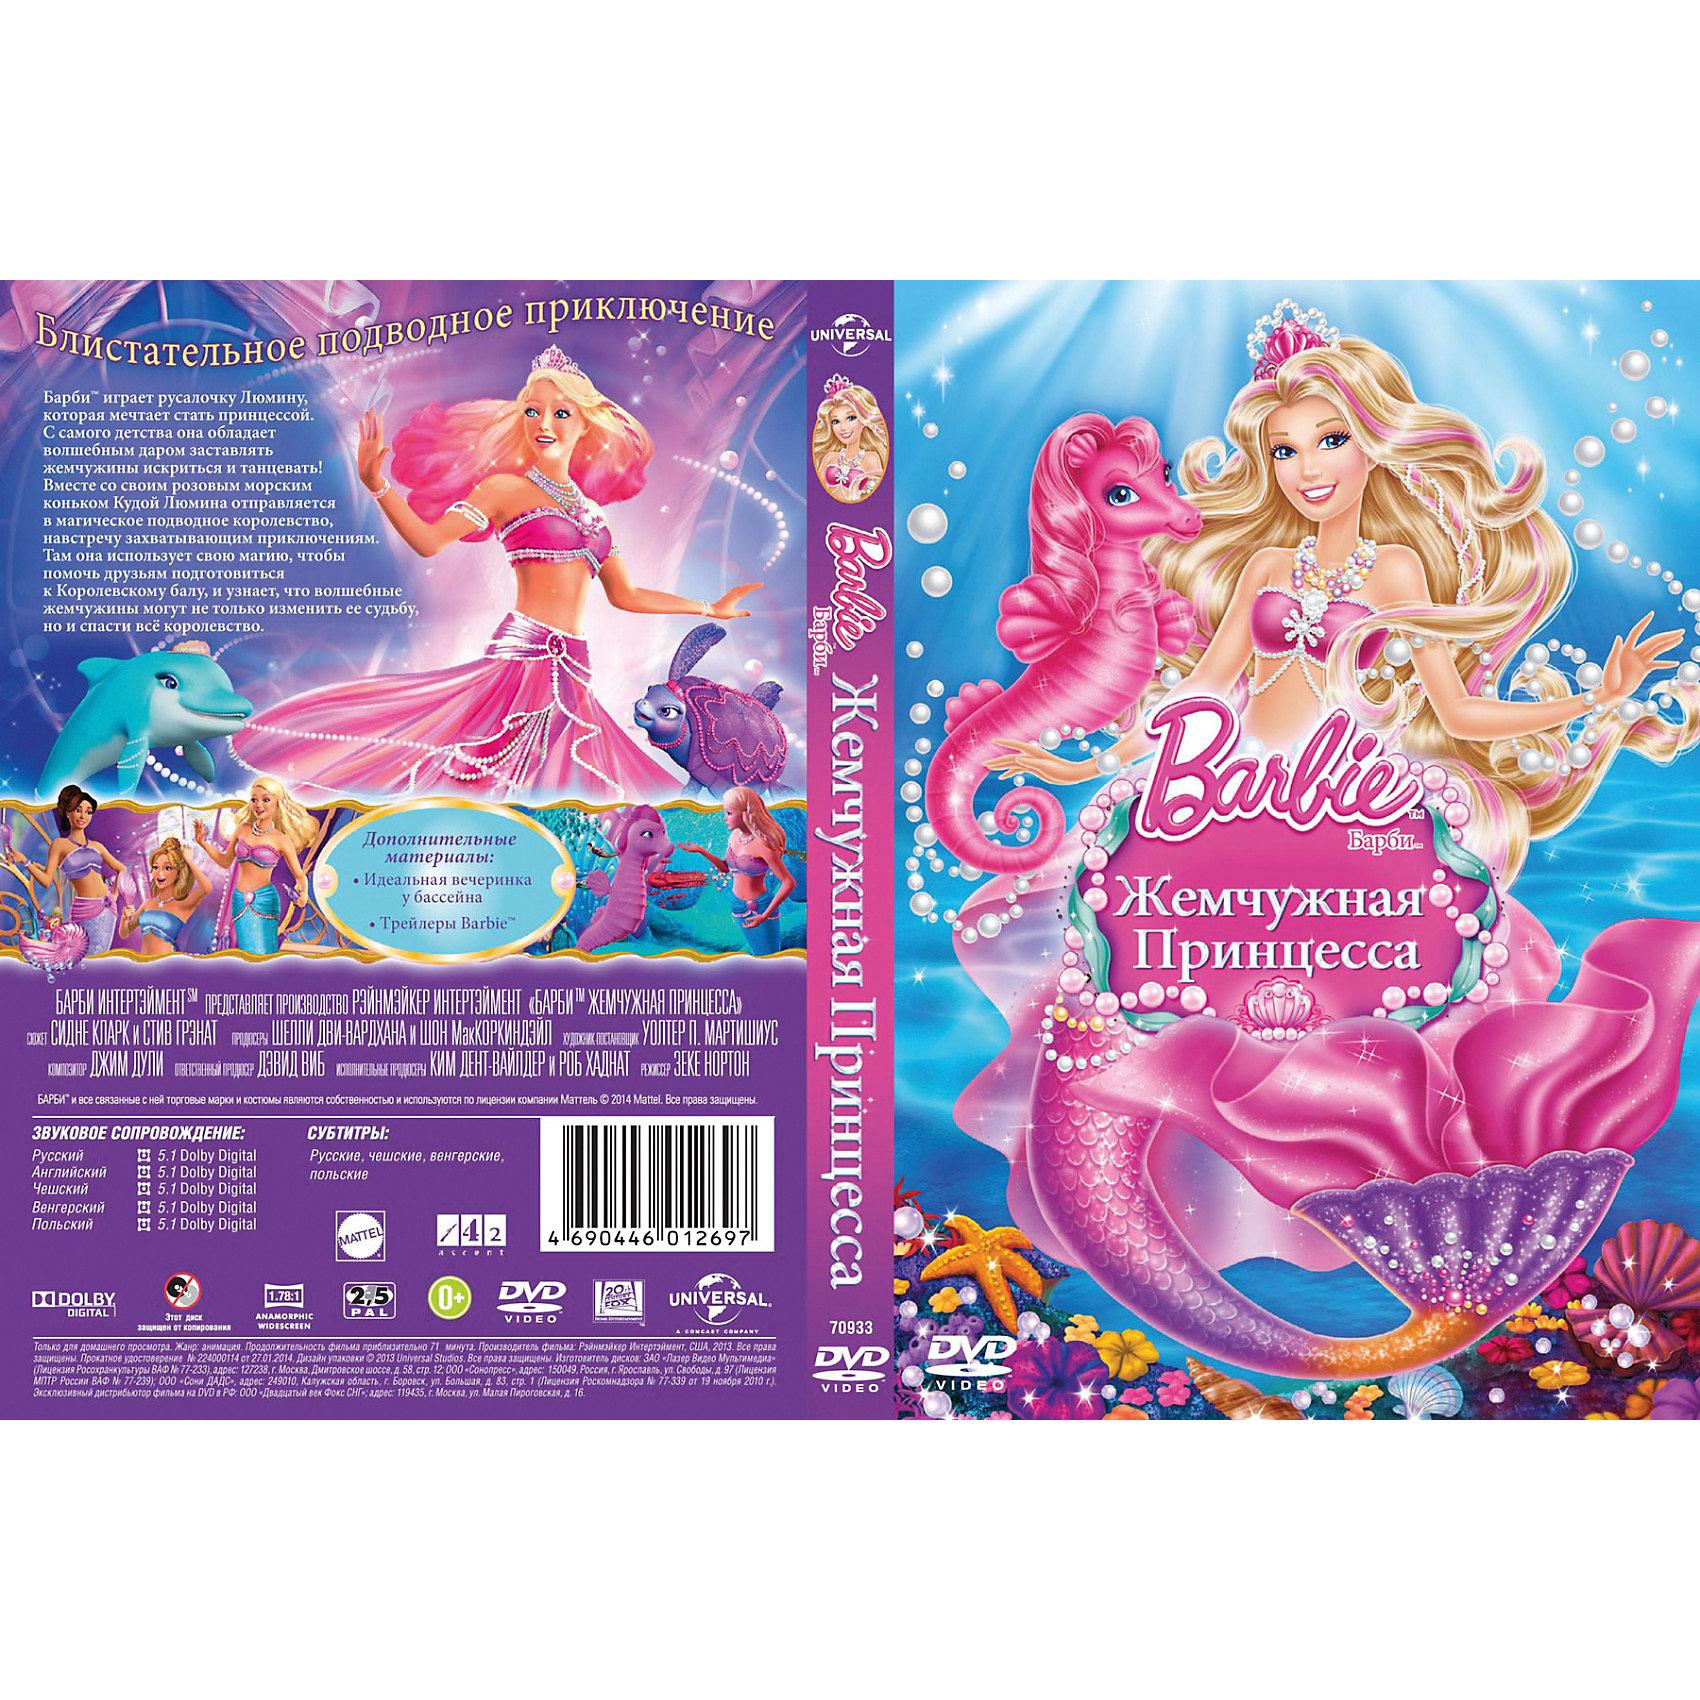 Новый Диск DVD Барби: Жемчужная принцесса, Barbie жестокий романс dvd полная реставрация звука и изображения